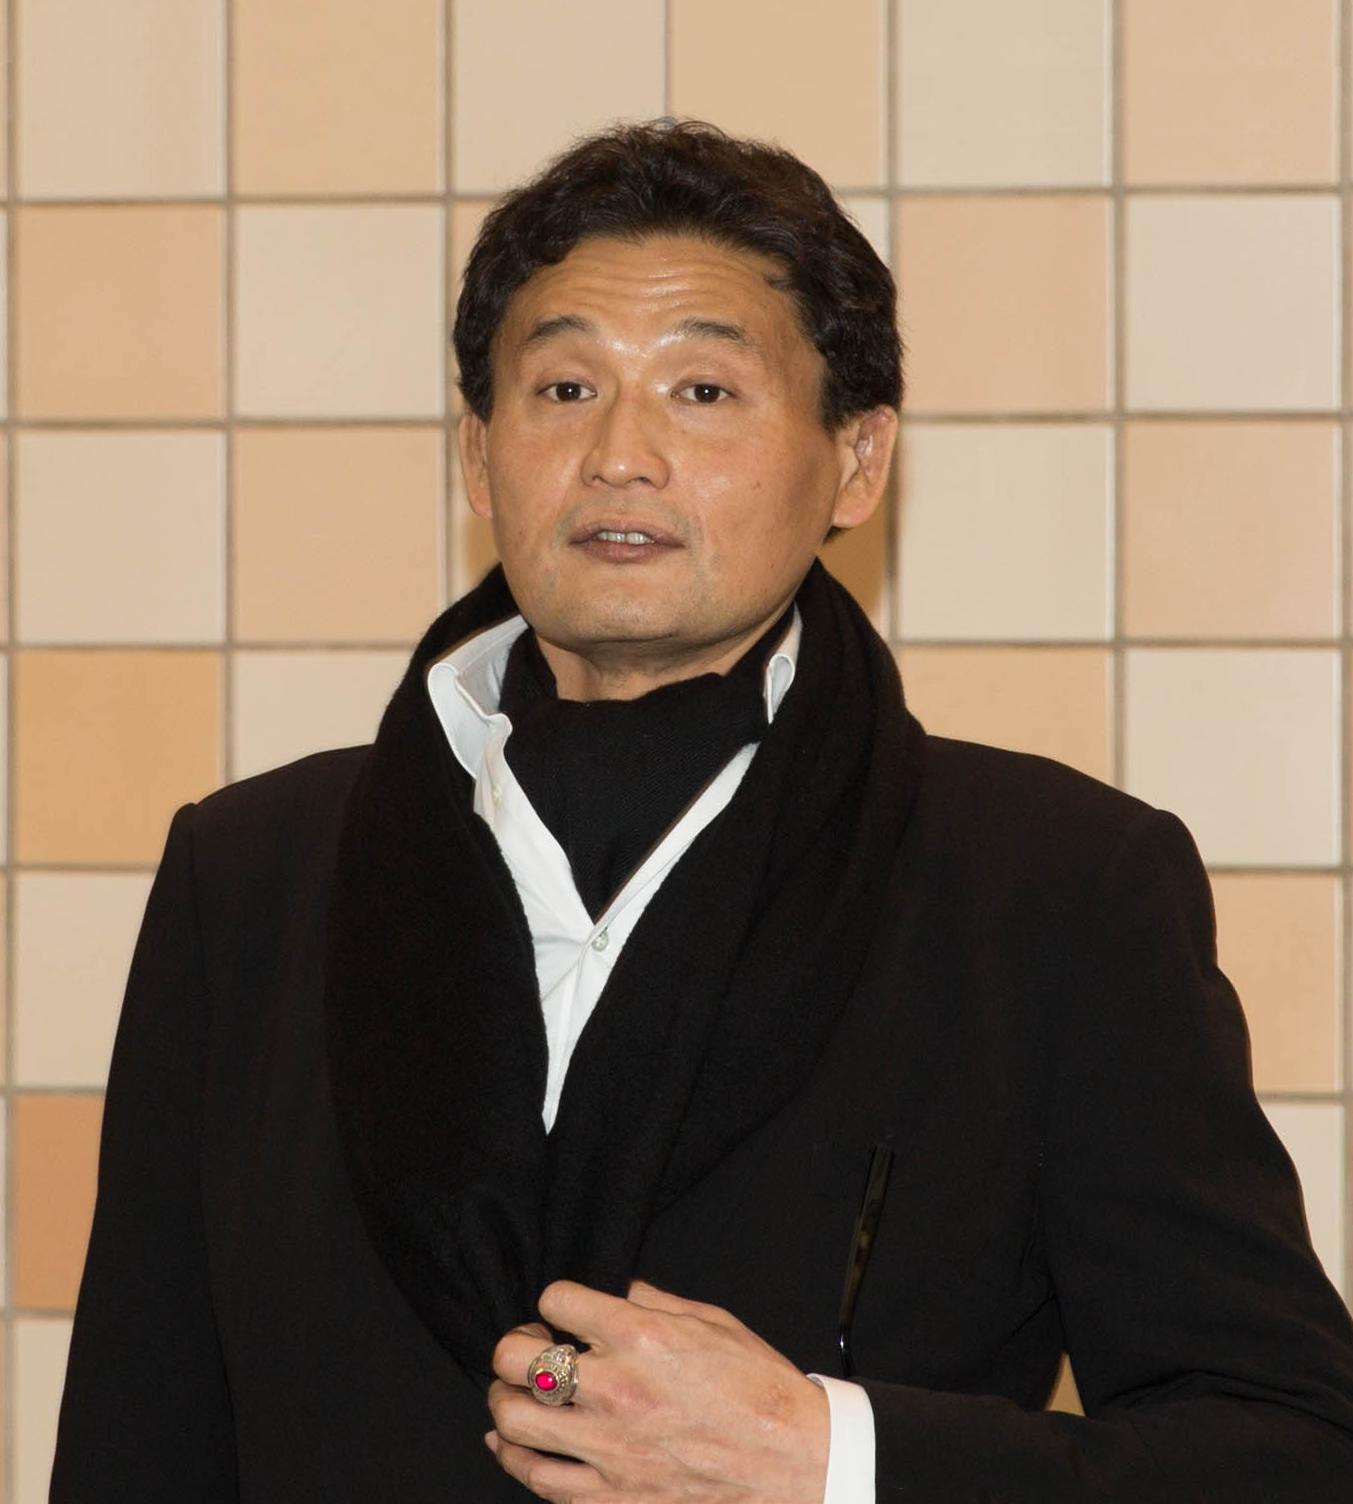 貴乃花光司 - Wikipedia